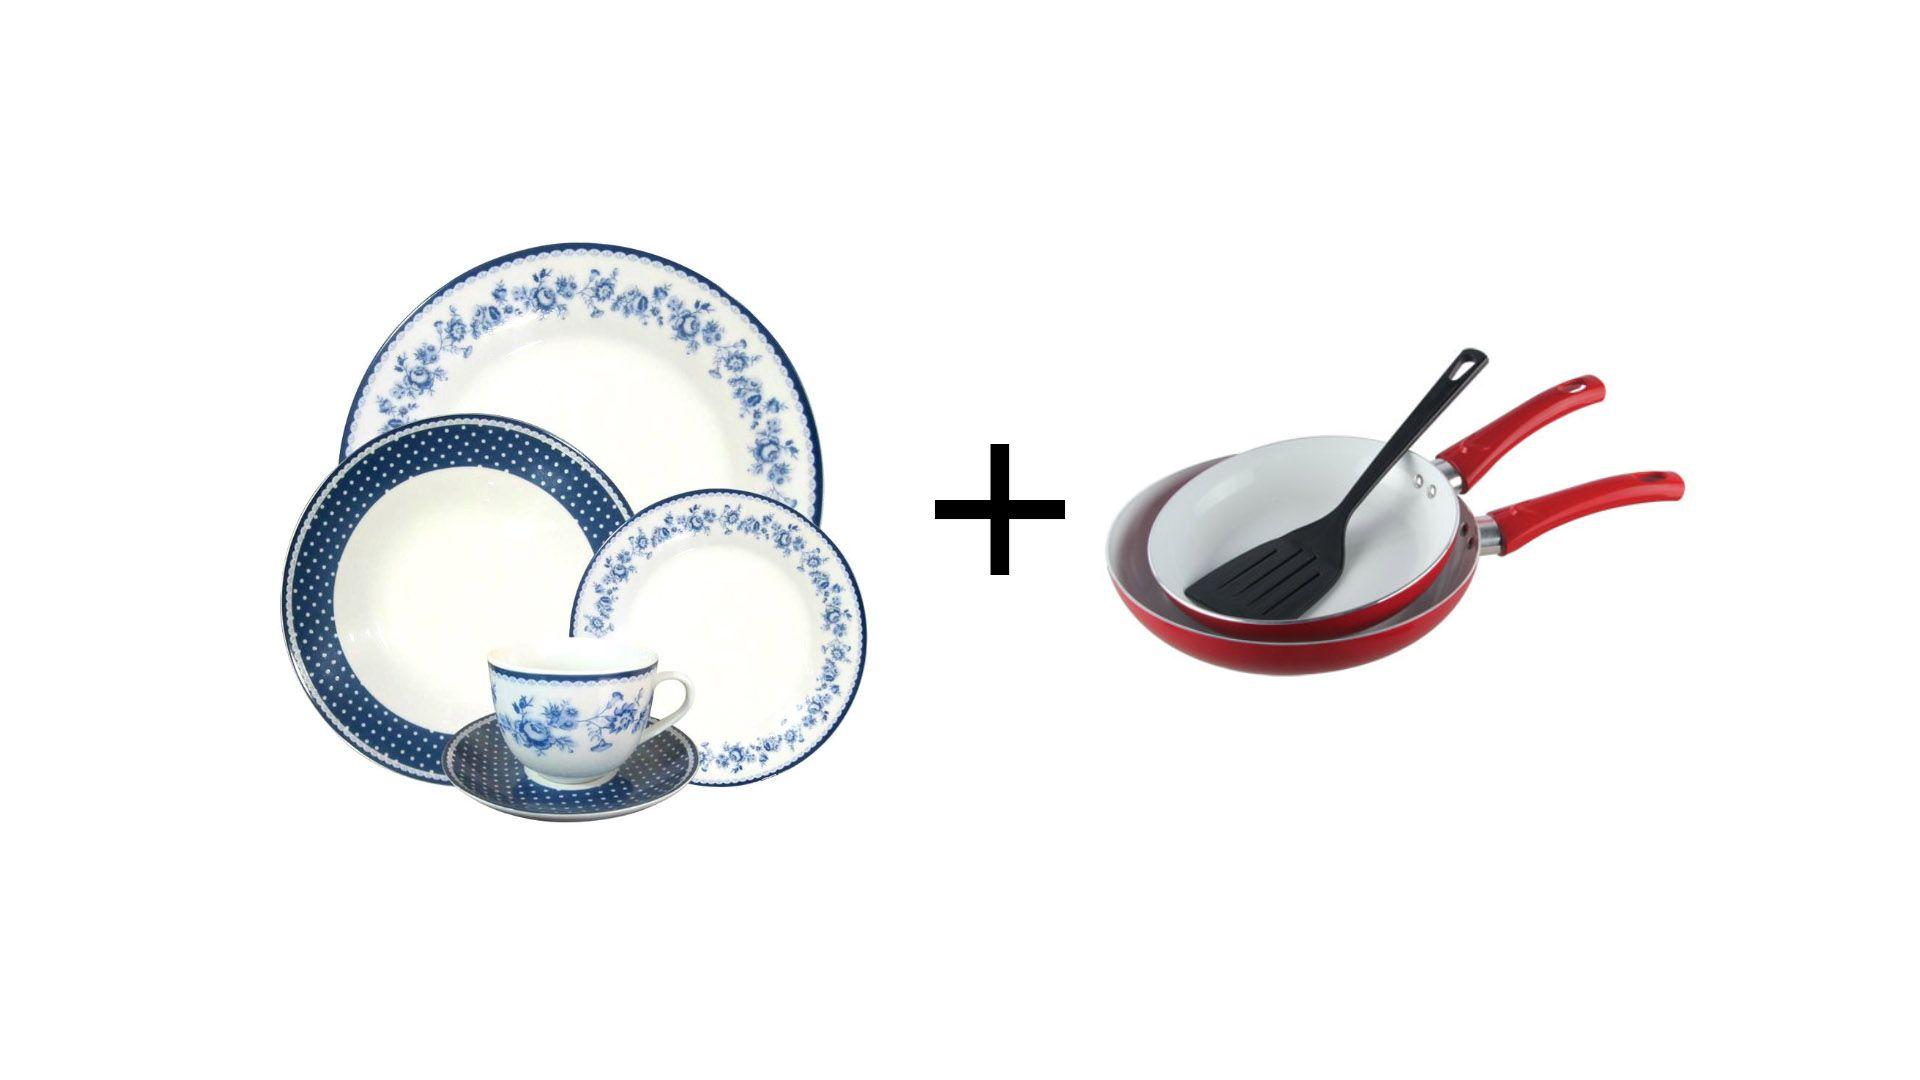 Aparelho De Jantar Viena 20 Peças + Jogo com 2 frigideiras